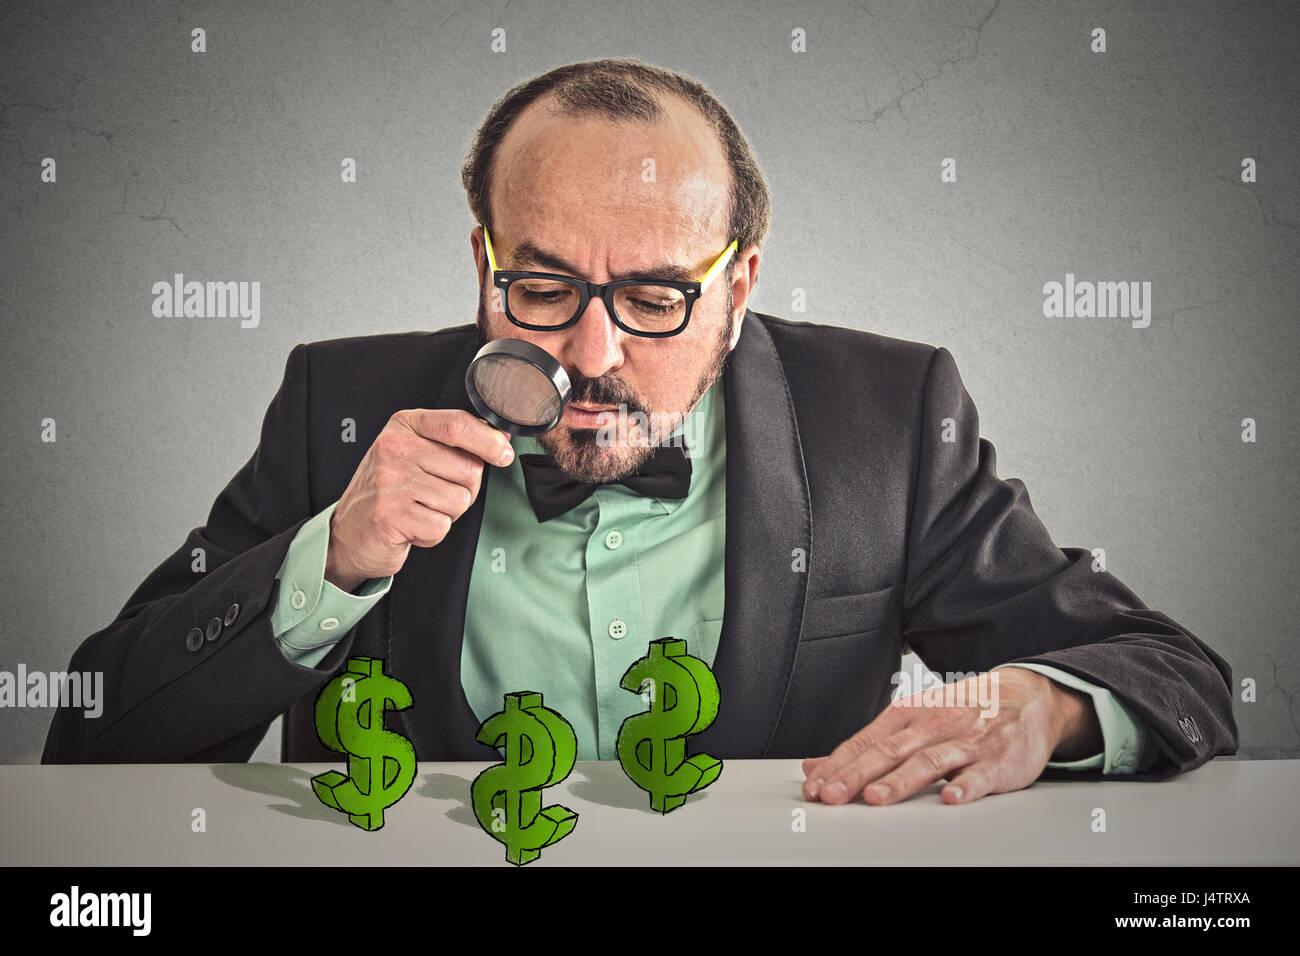 Pfennigfuchser. Blick durch die Lupe am Dollarzeichen Symbol auf Tisch Geschäftsmann isoliert graue Wand Office Stockbild